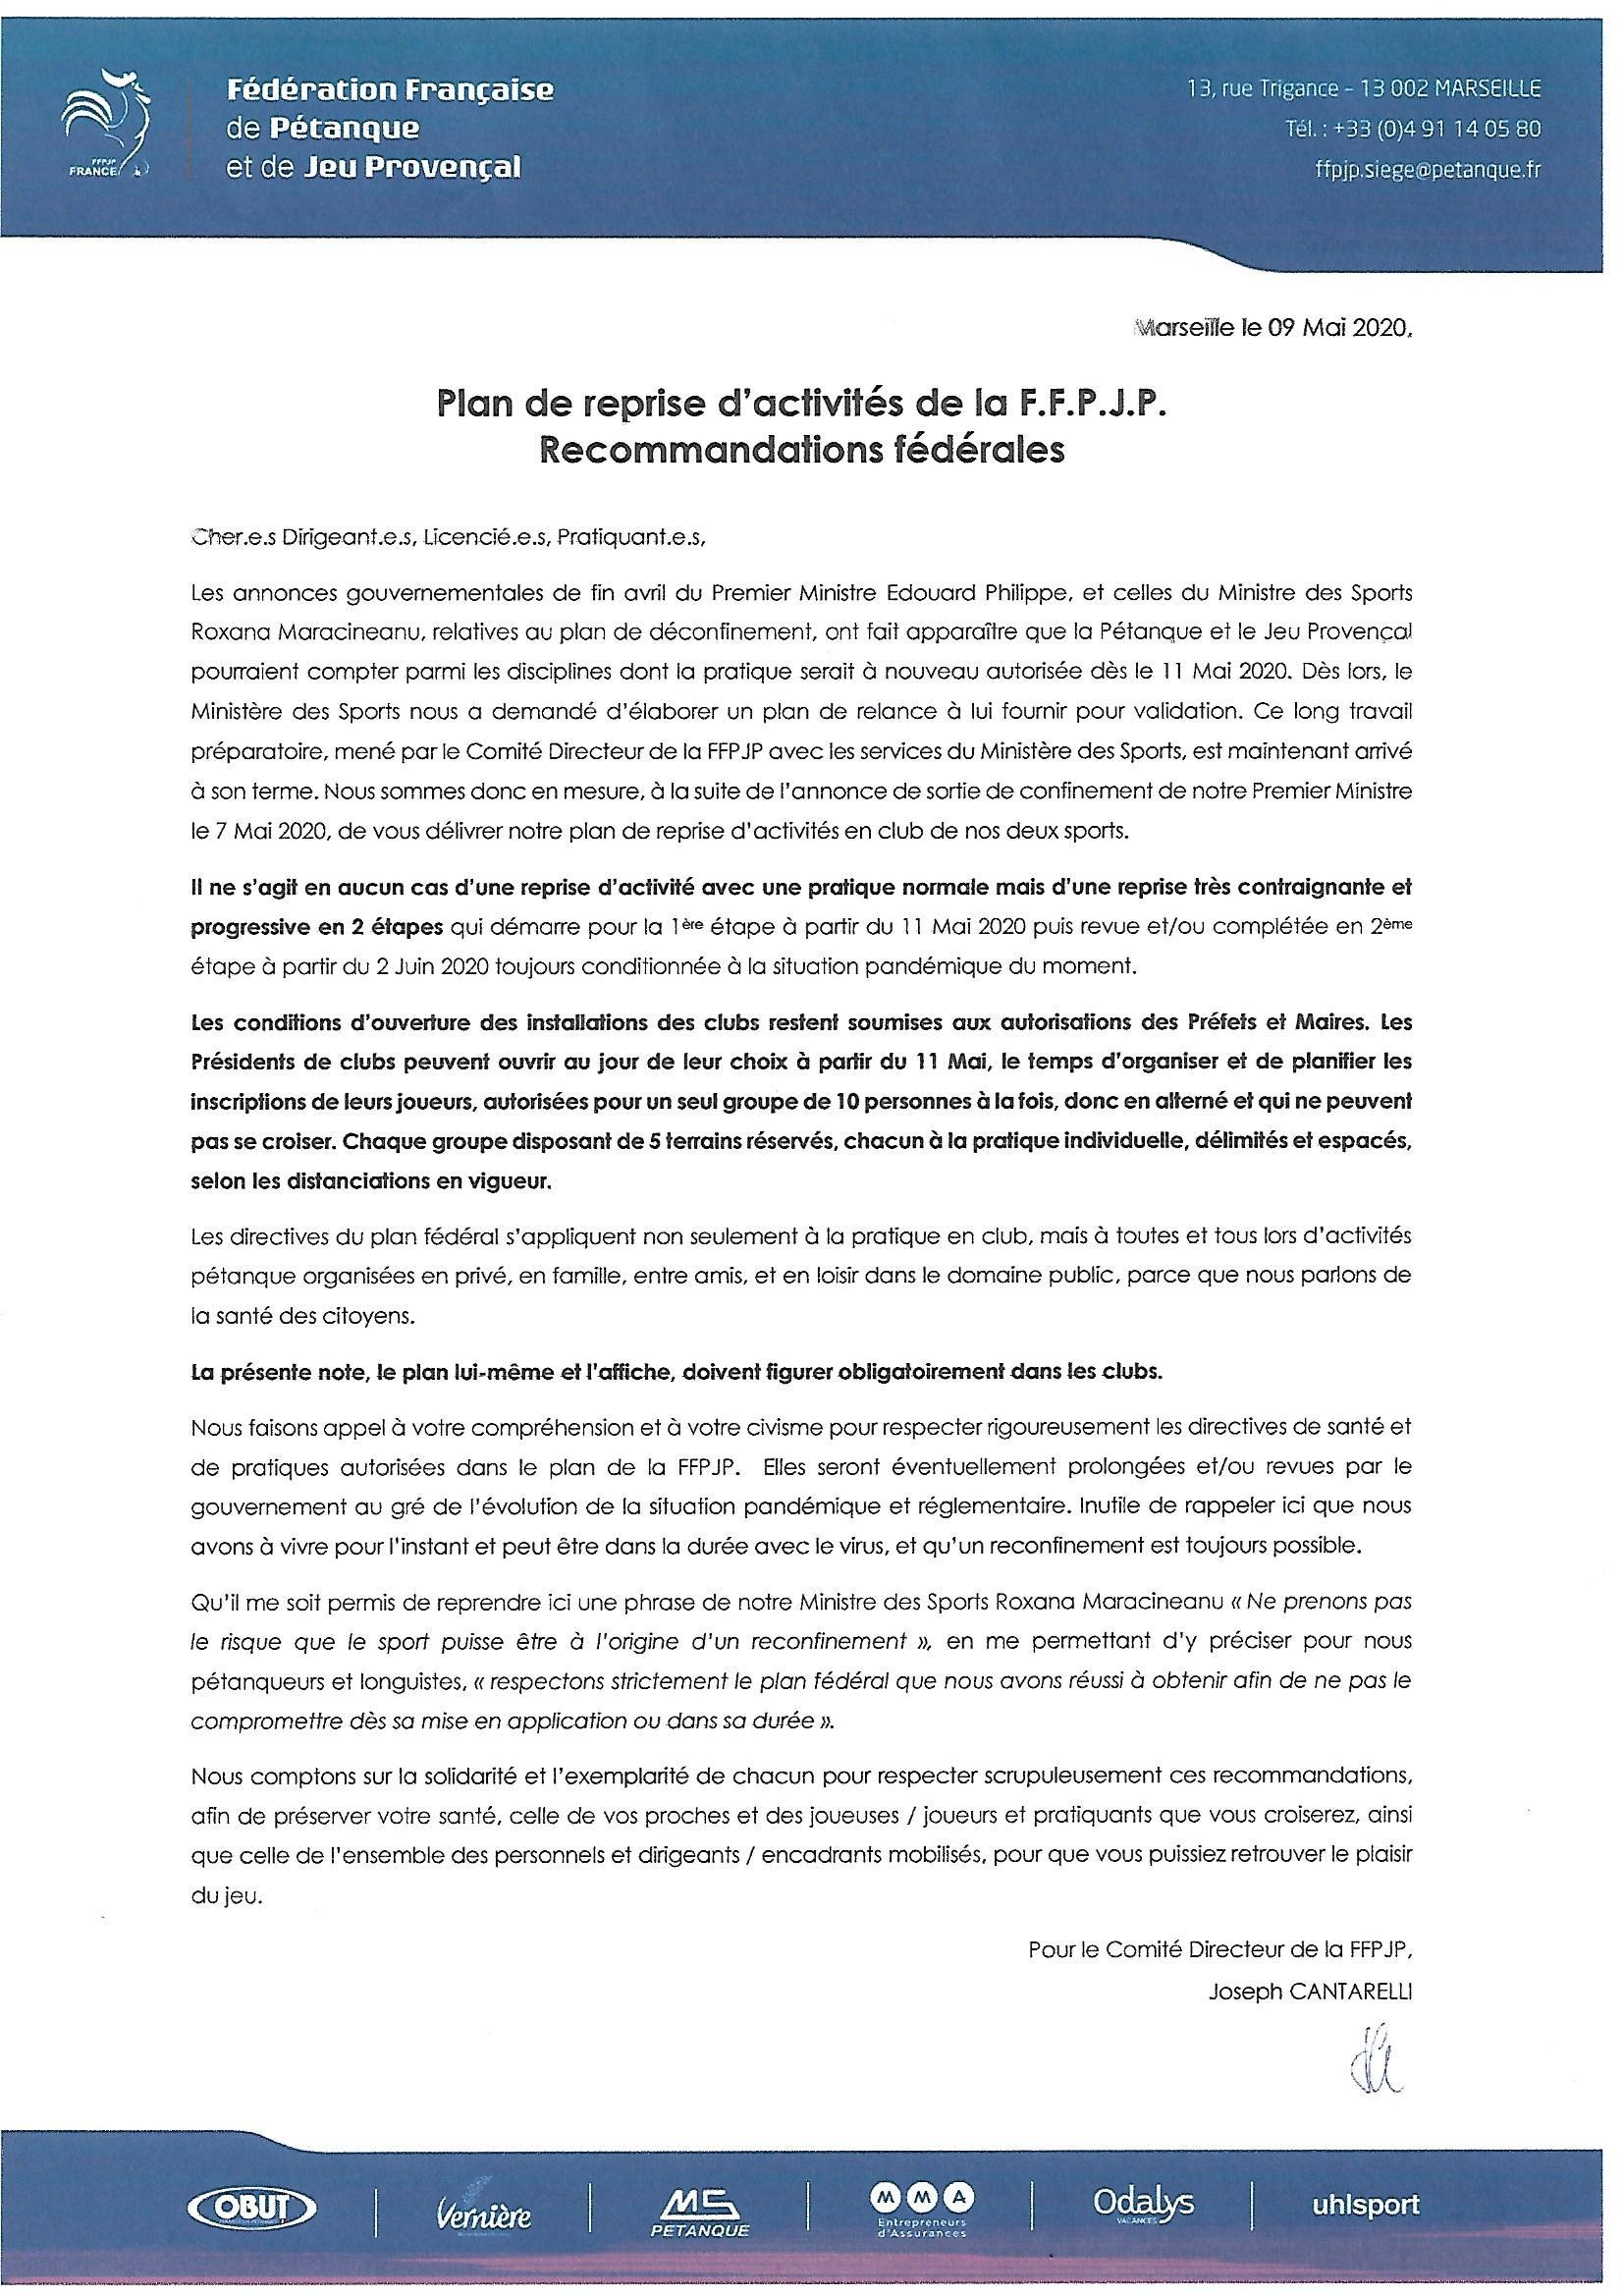 PLAN DE REPRISE OFFICIEL FFPJP